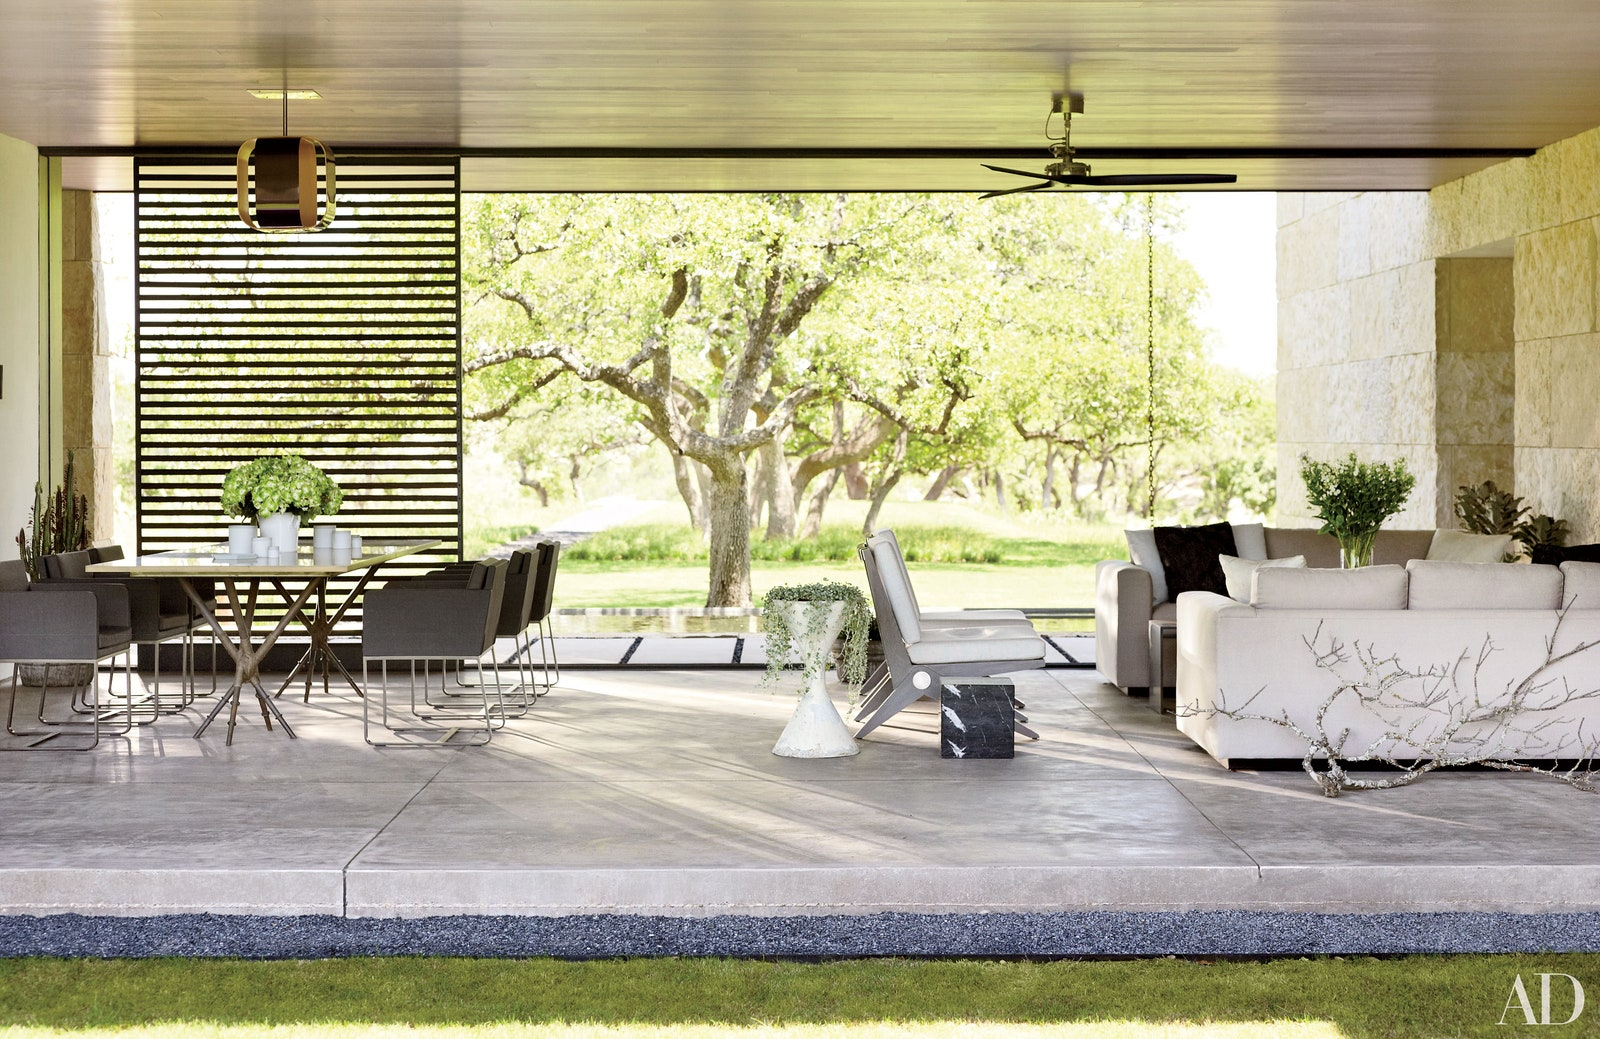 המדריך המקוצר והמצולם לעיצוב רצפות בטון